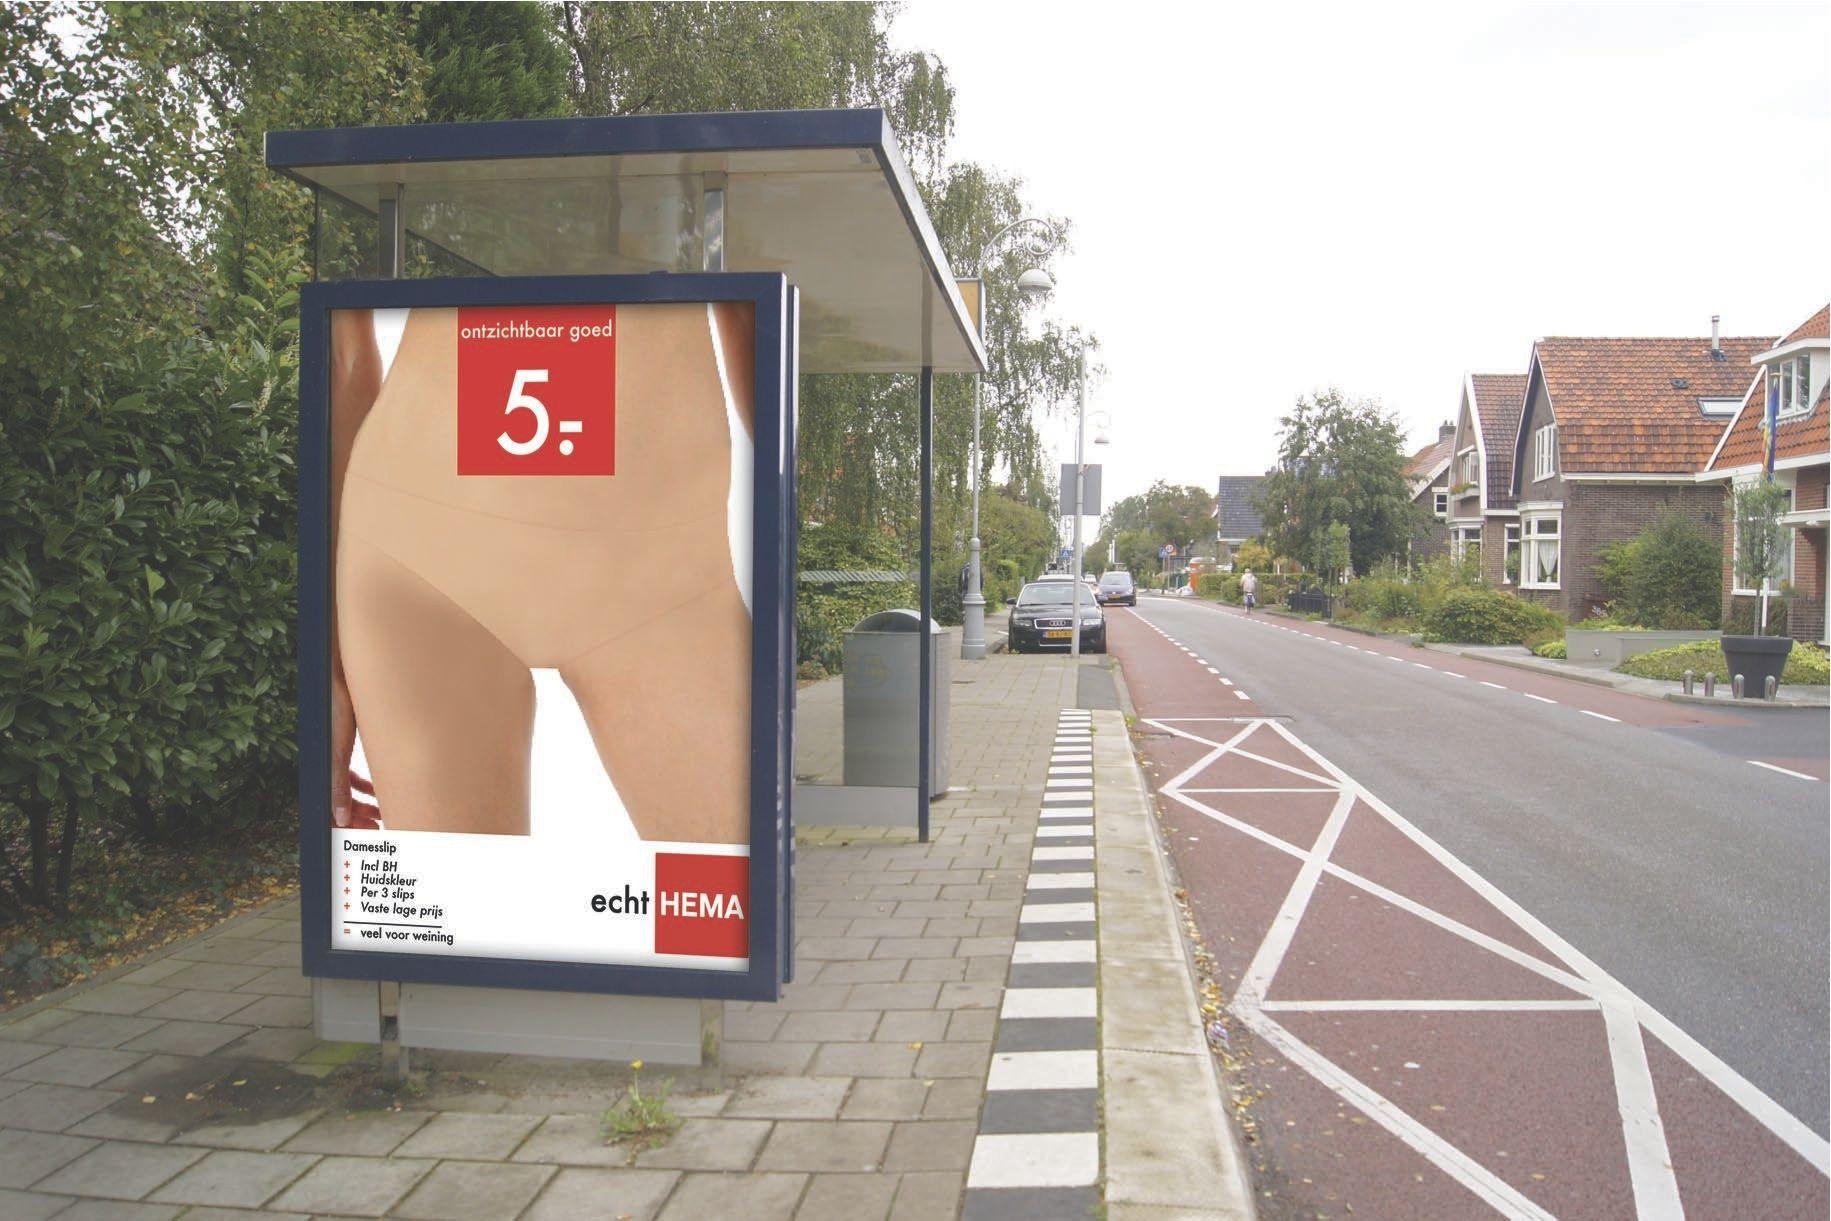 reclameposter Hema onzichtbaar ondergoed http://alvinallistar.files.wordpress.com/2011/09/bushokjehemadef.jpg